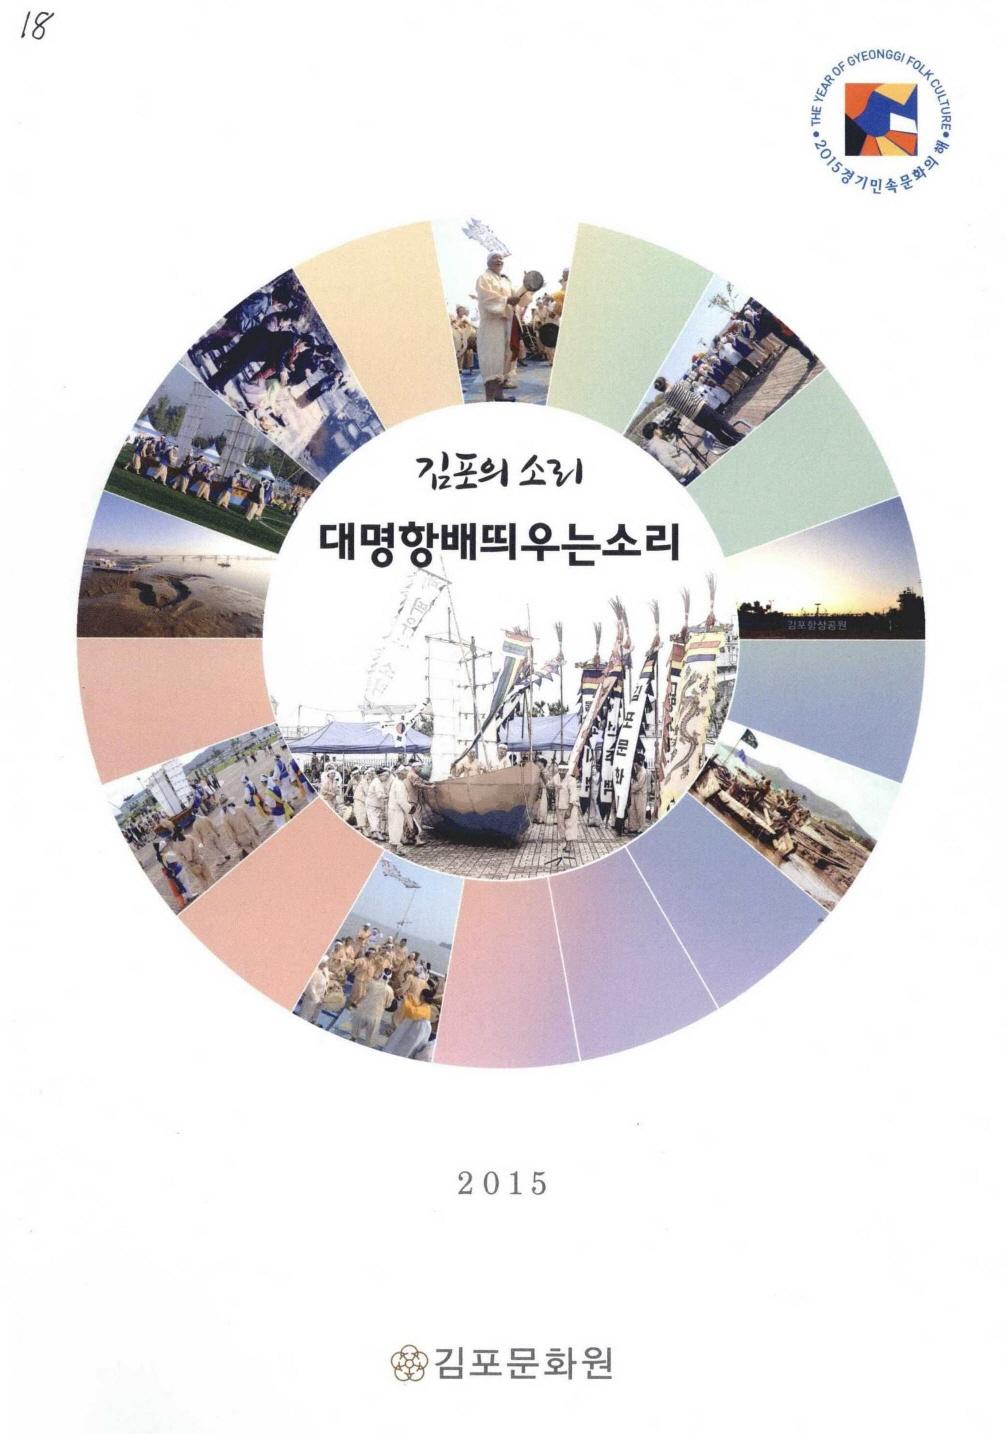 김포의 소리 대명항배띄우는소리